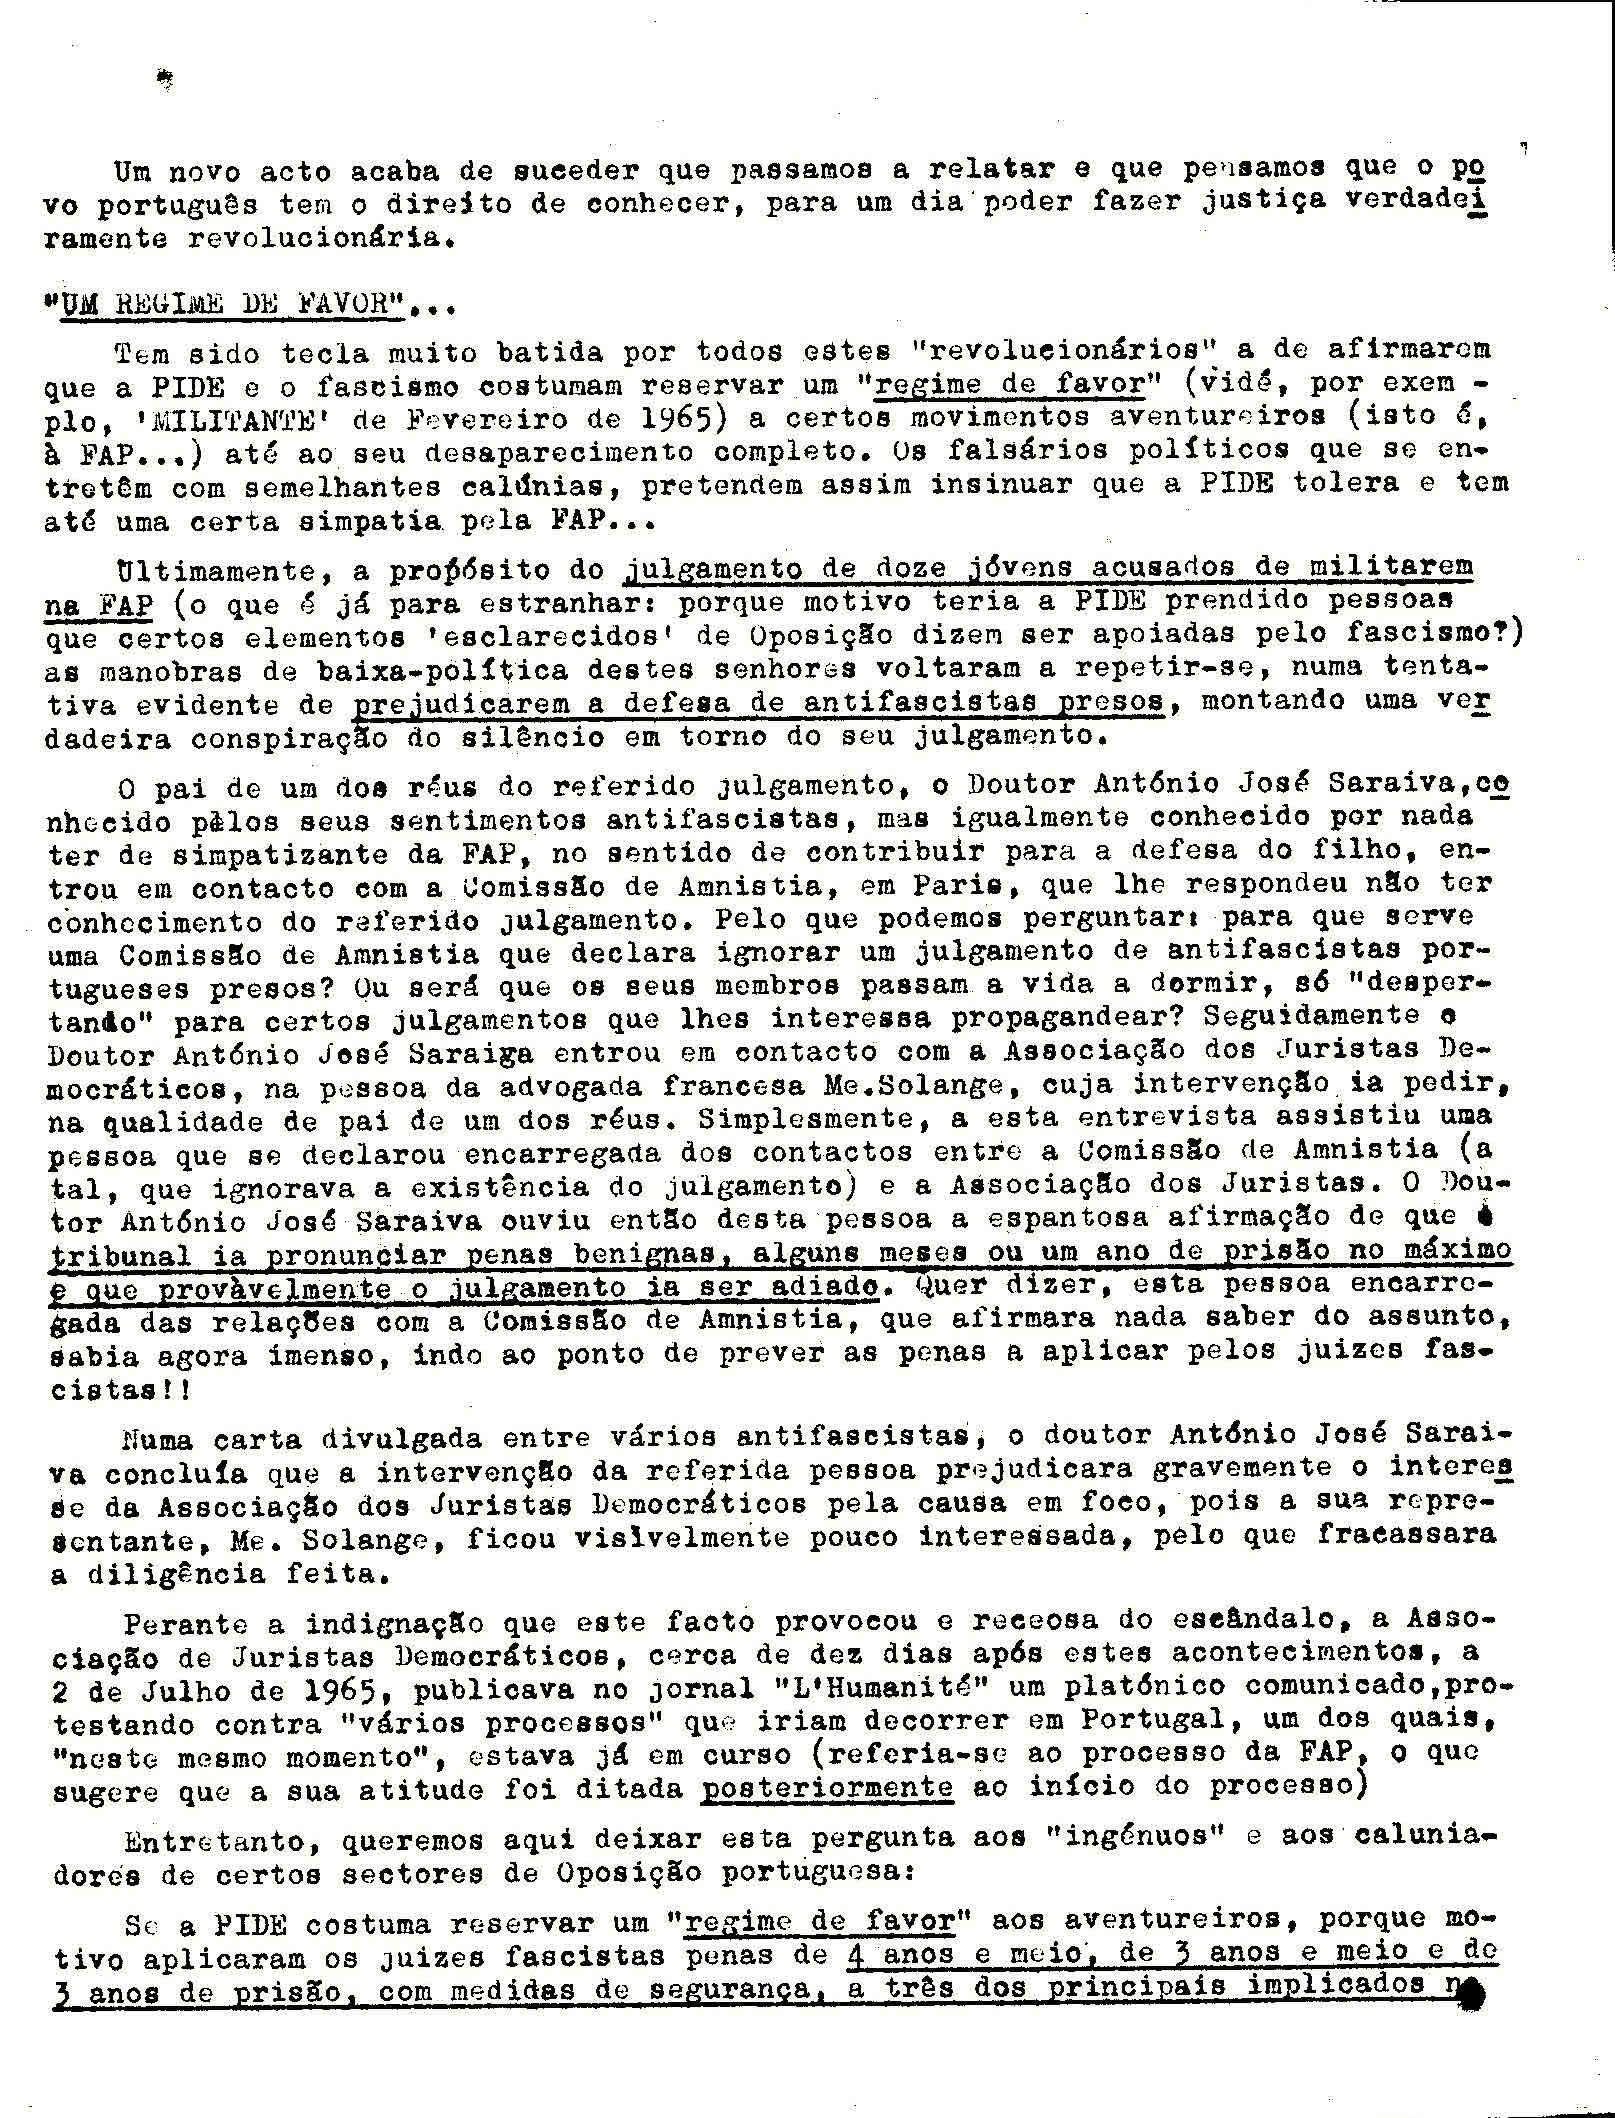 Document (19) (2)